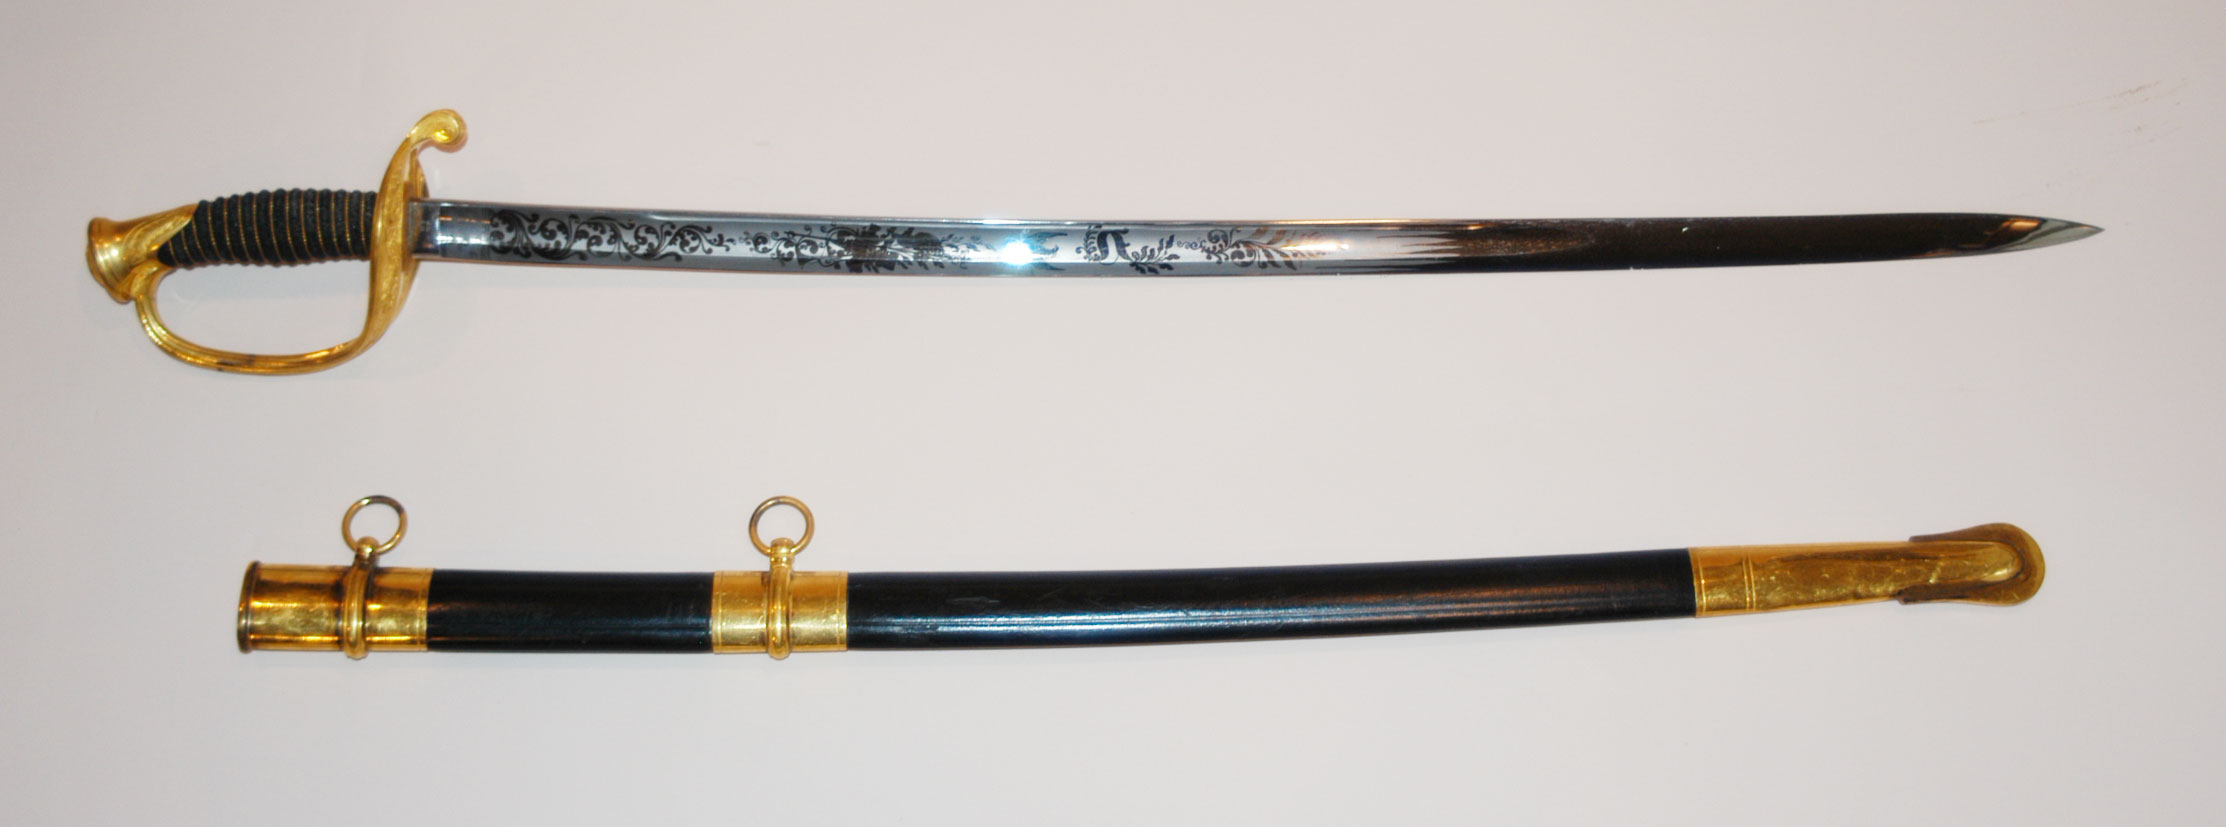 William Newton McComb's Infantry Sword